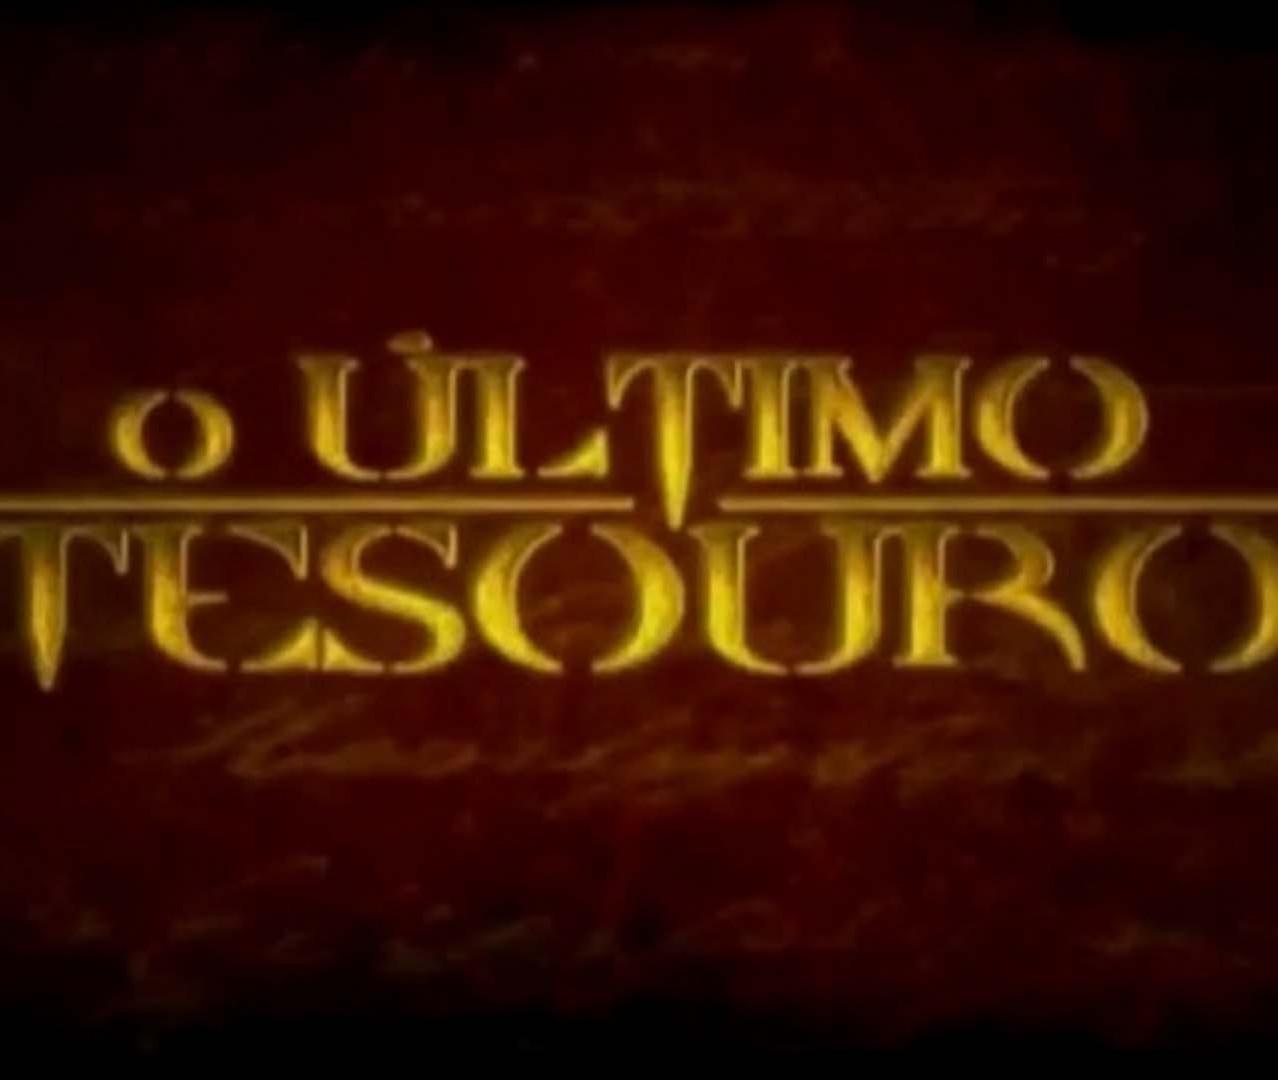 Ana_Marta_Ferreira_-_O_Último_Tesouro